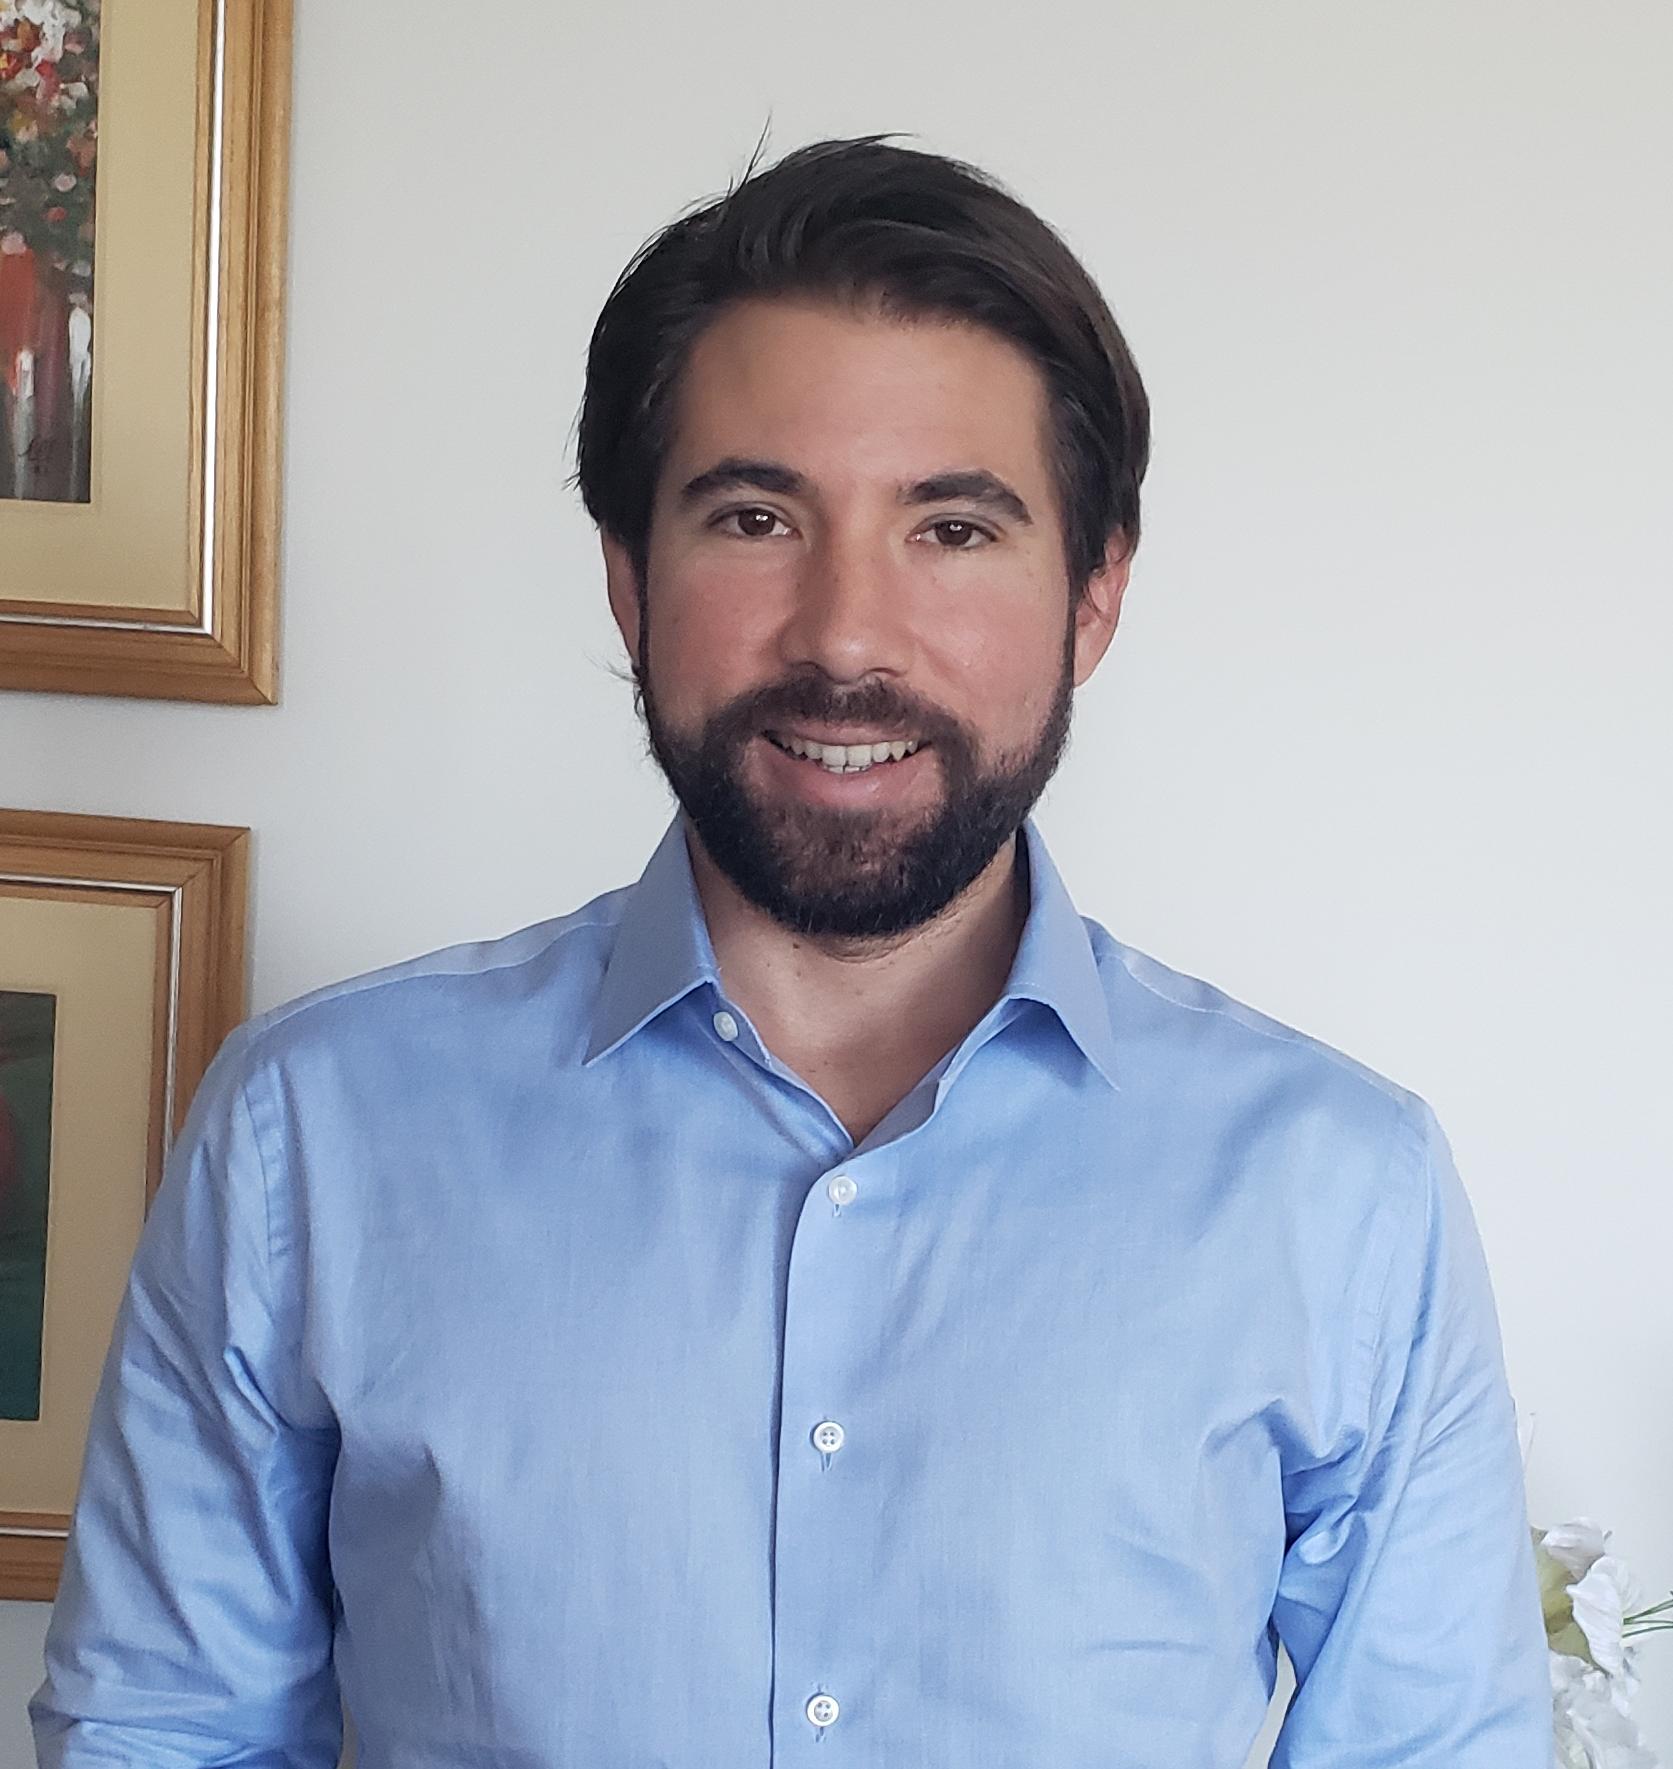 Diego Trindade